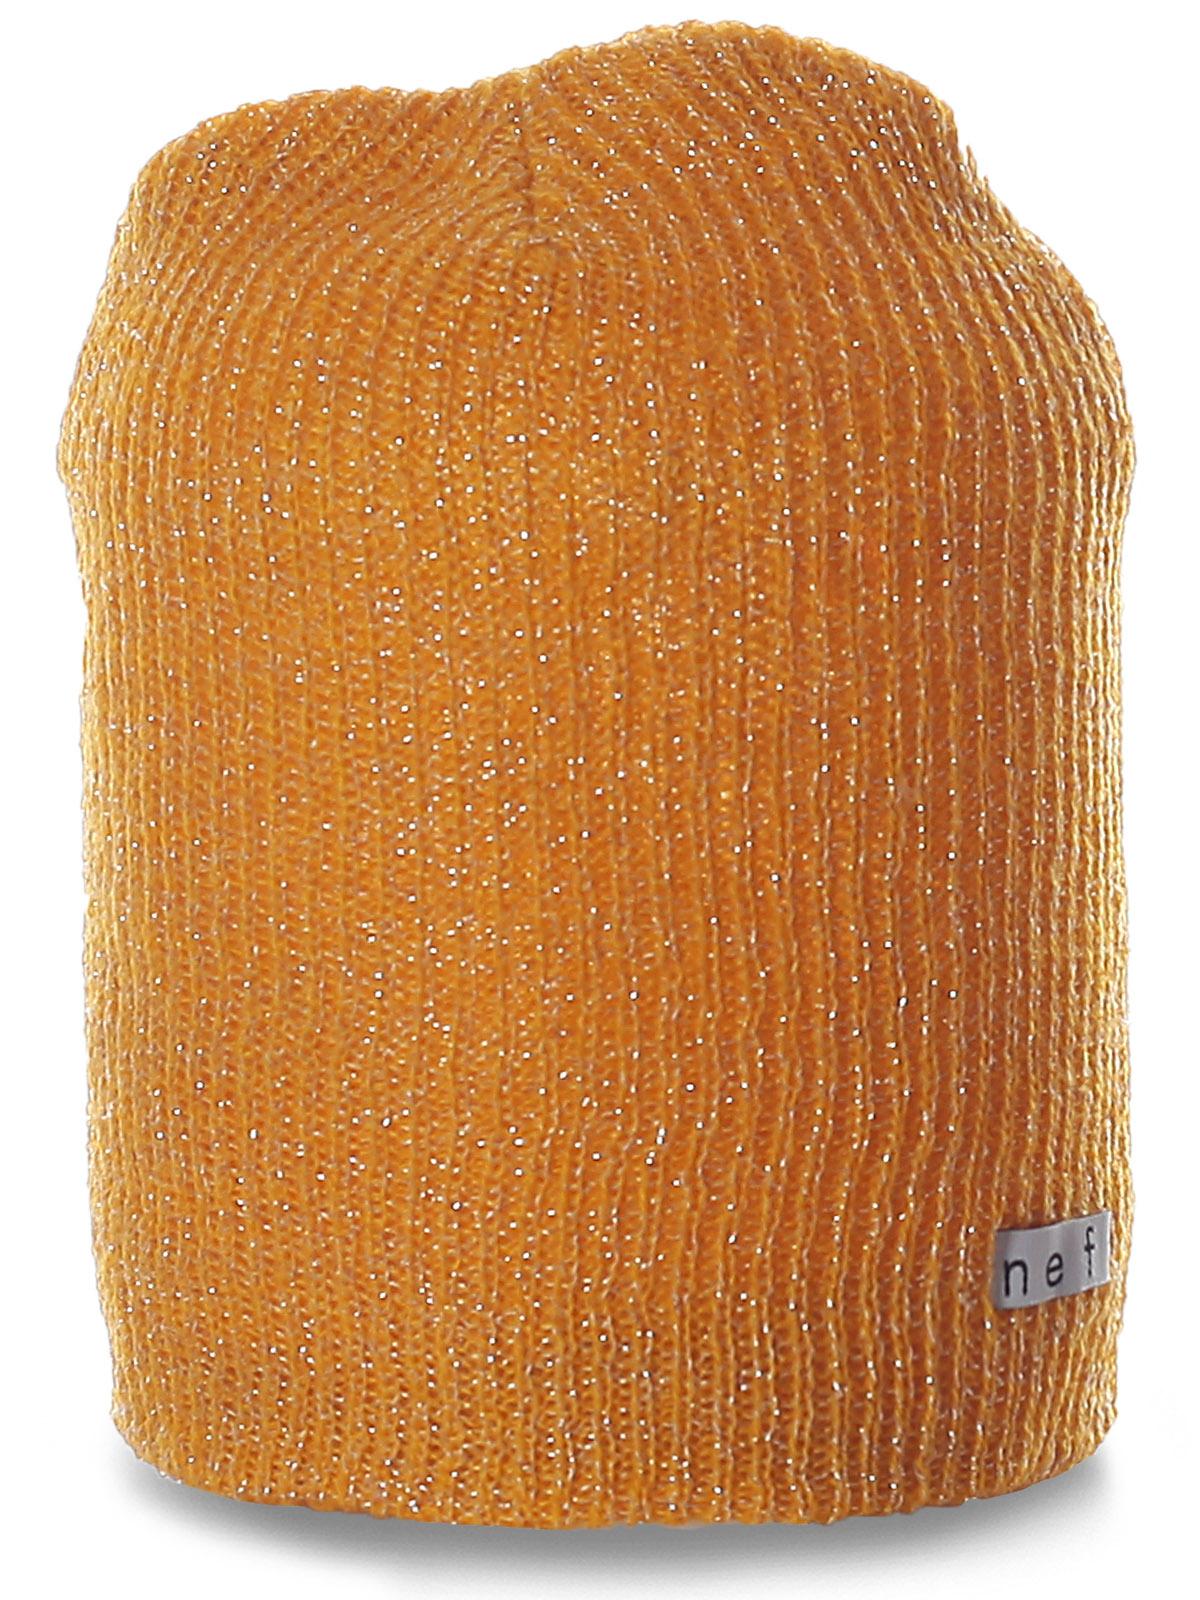 Яркая шапка Neff с блестящей нитью. Классная модель для современных девушек